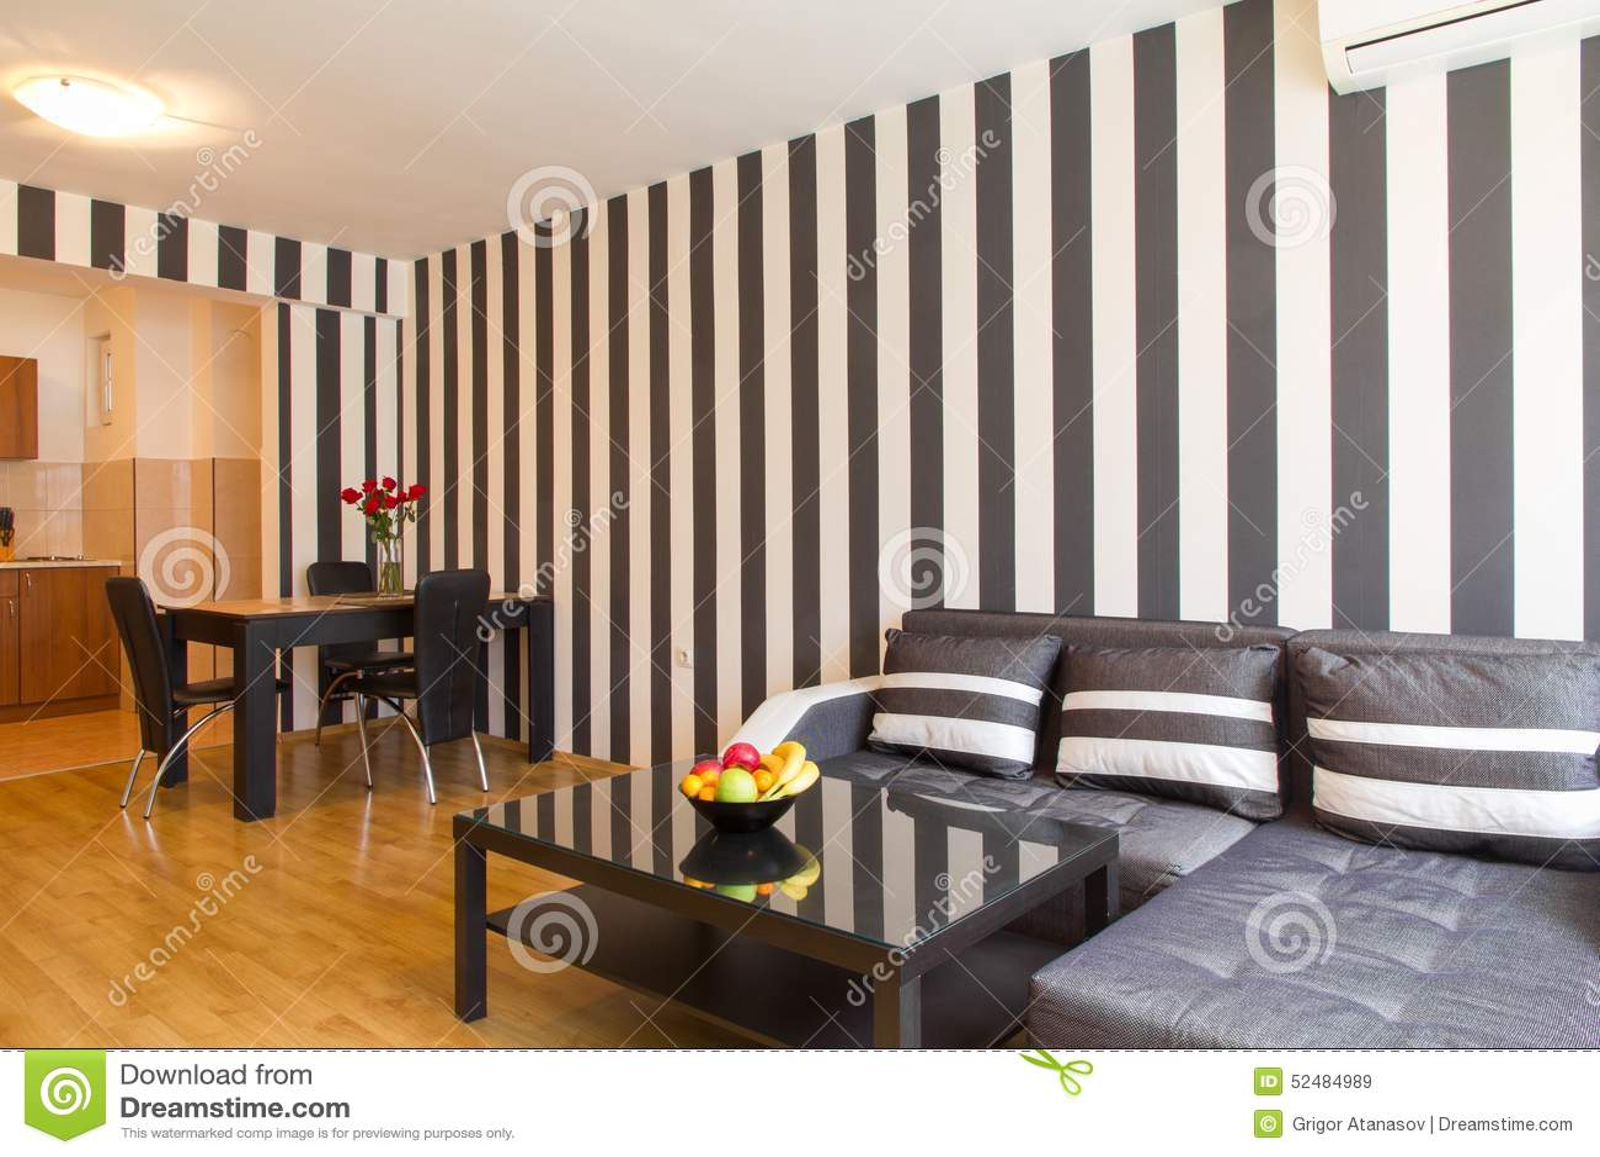 Pareti A Strisce Bianco E Nero : Salone con le pareti a strisce in bianco e nero immagine stock